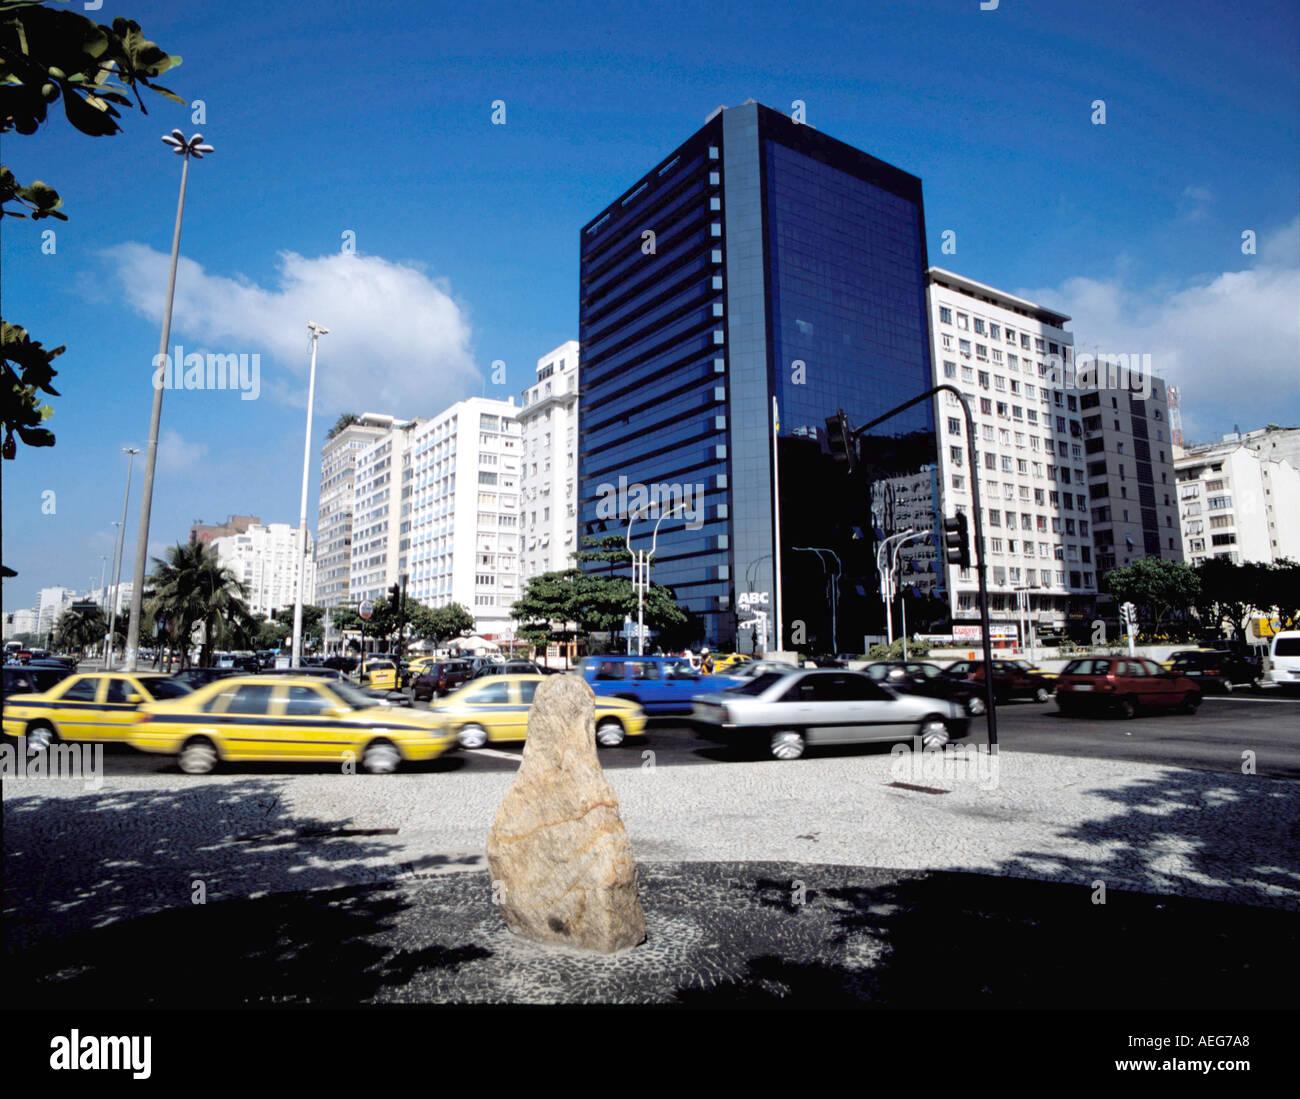 Travel Brasil Copacabana Calcadao Buildings Facade Facades Sunny